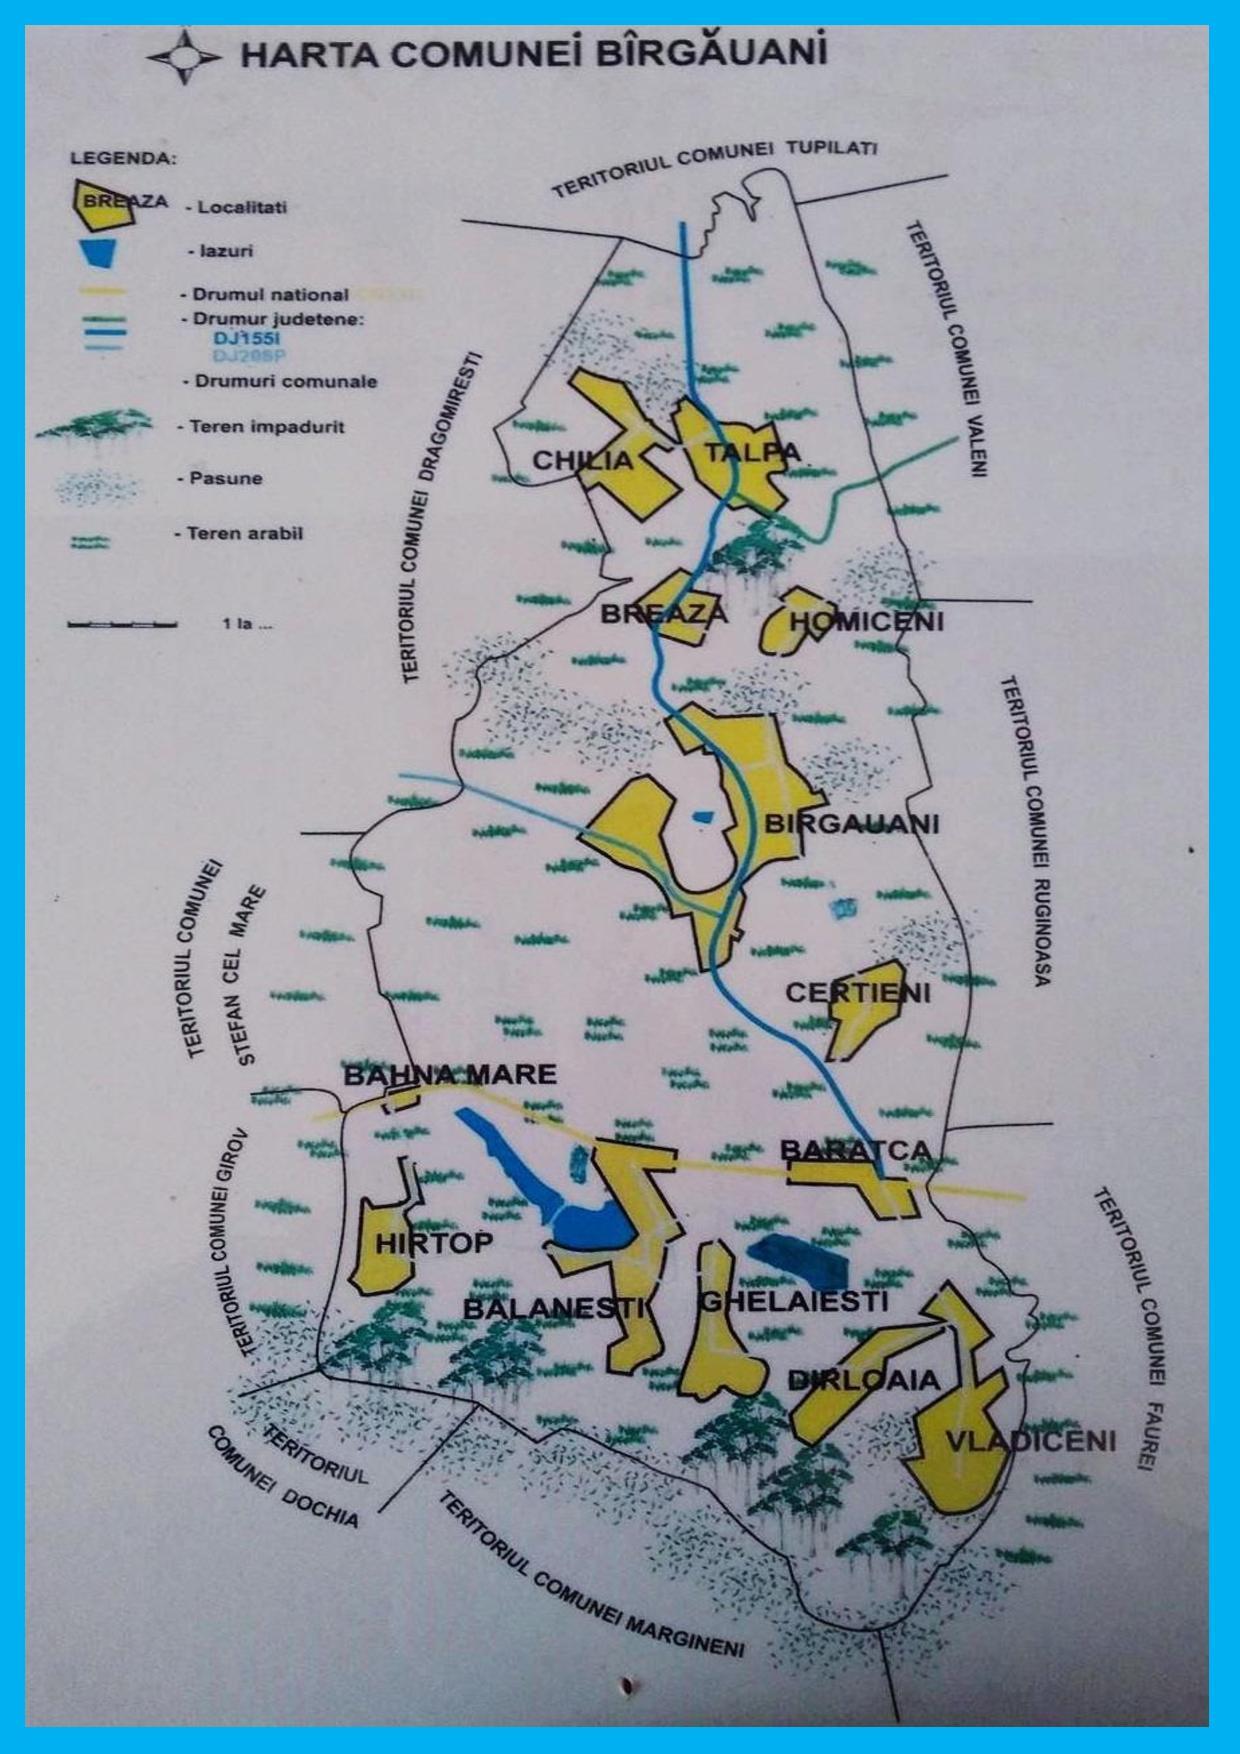 harta-comunei-birgauani-page-001